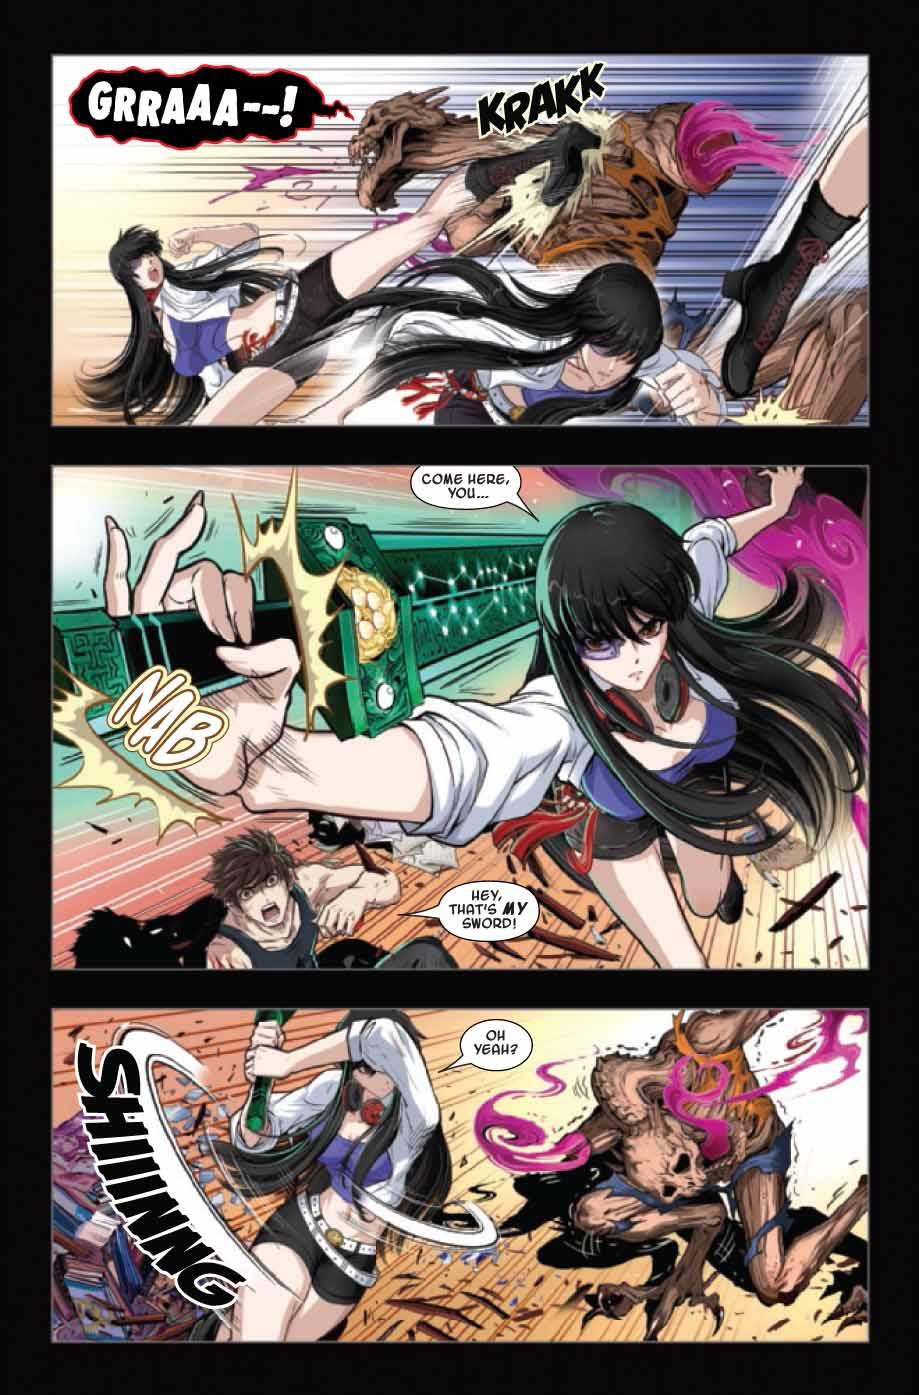 swordmaster33